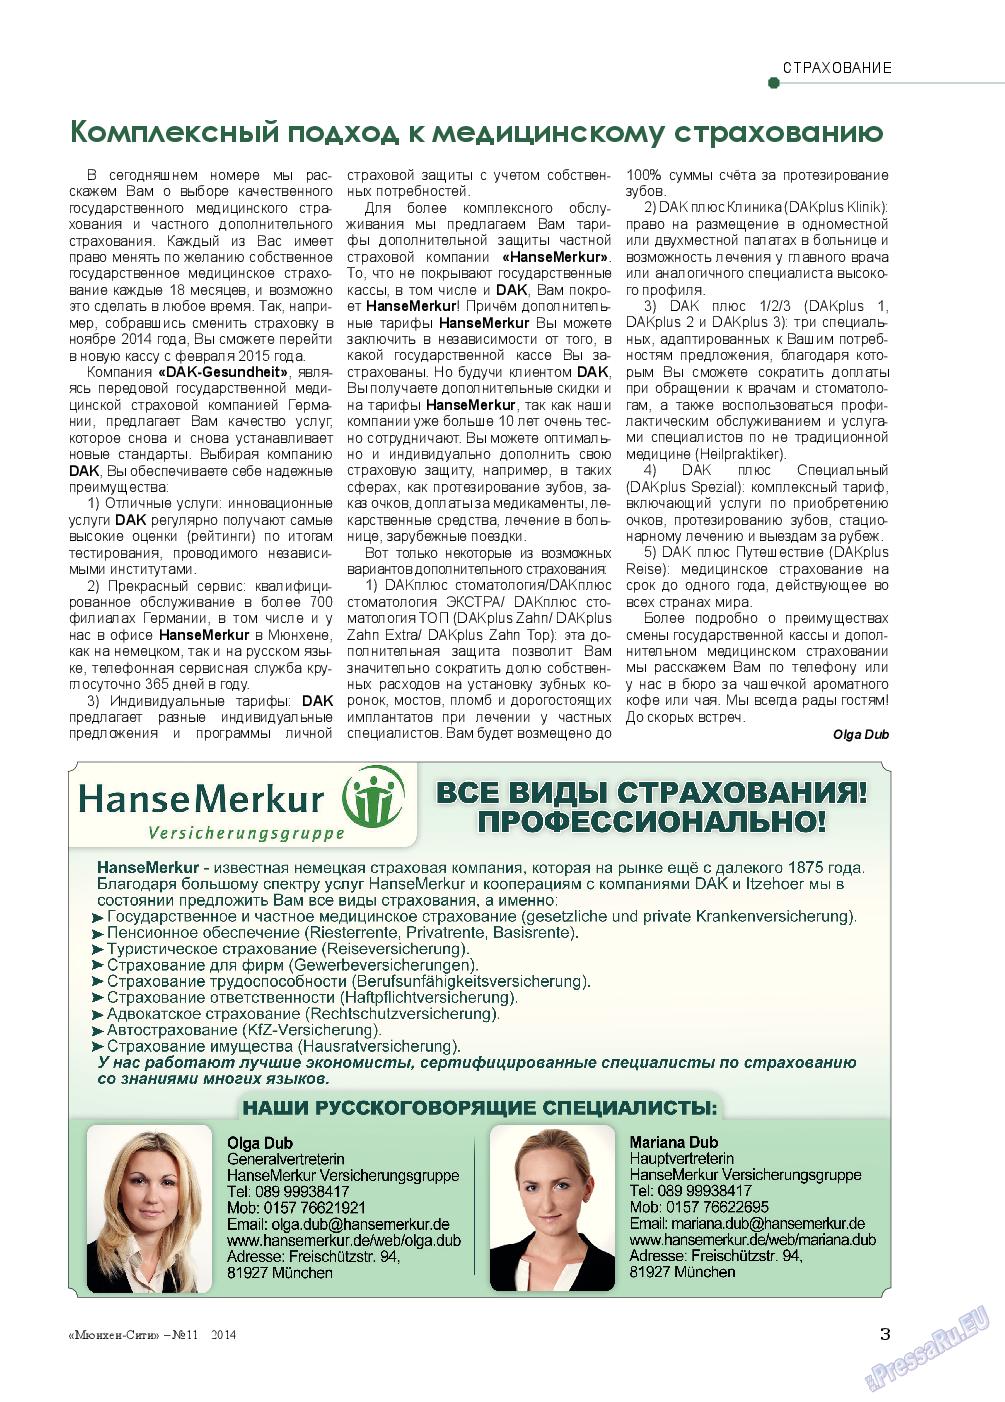 Мюнхен-сити (журнал). 2014 год, номер 11, стр. 3